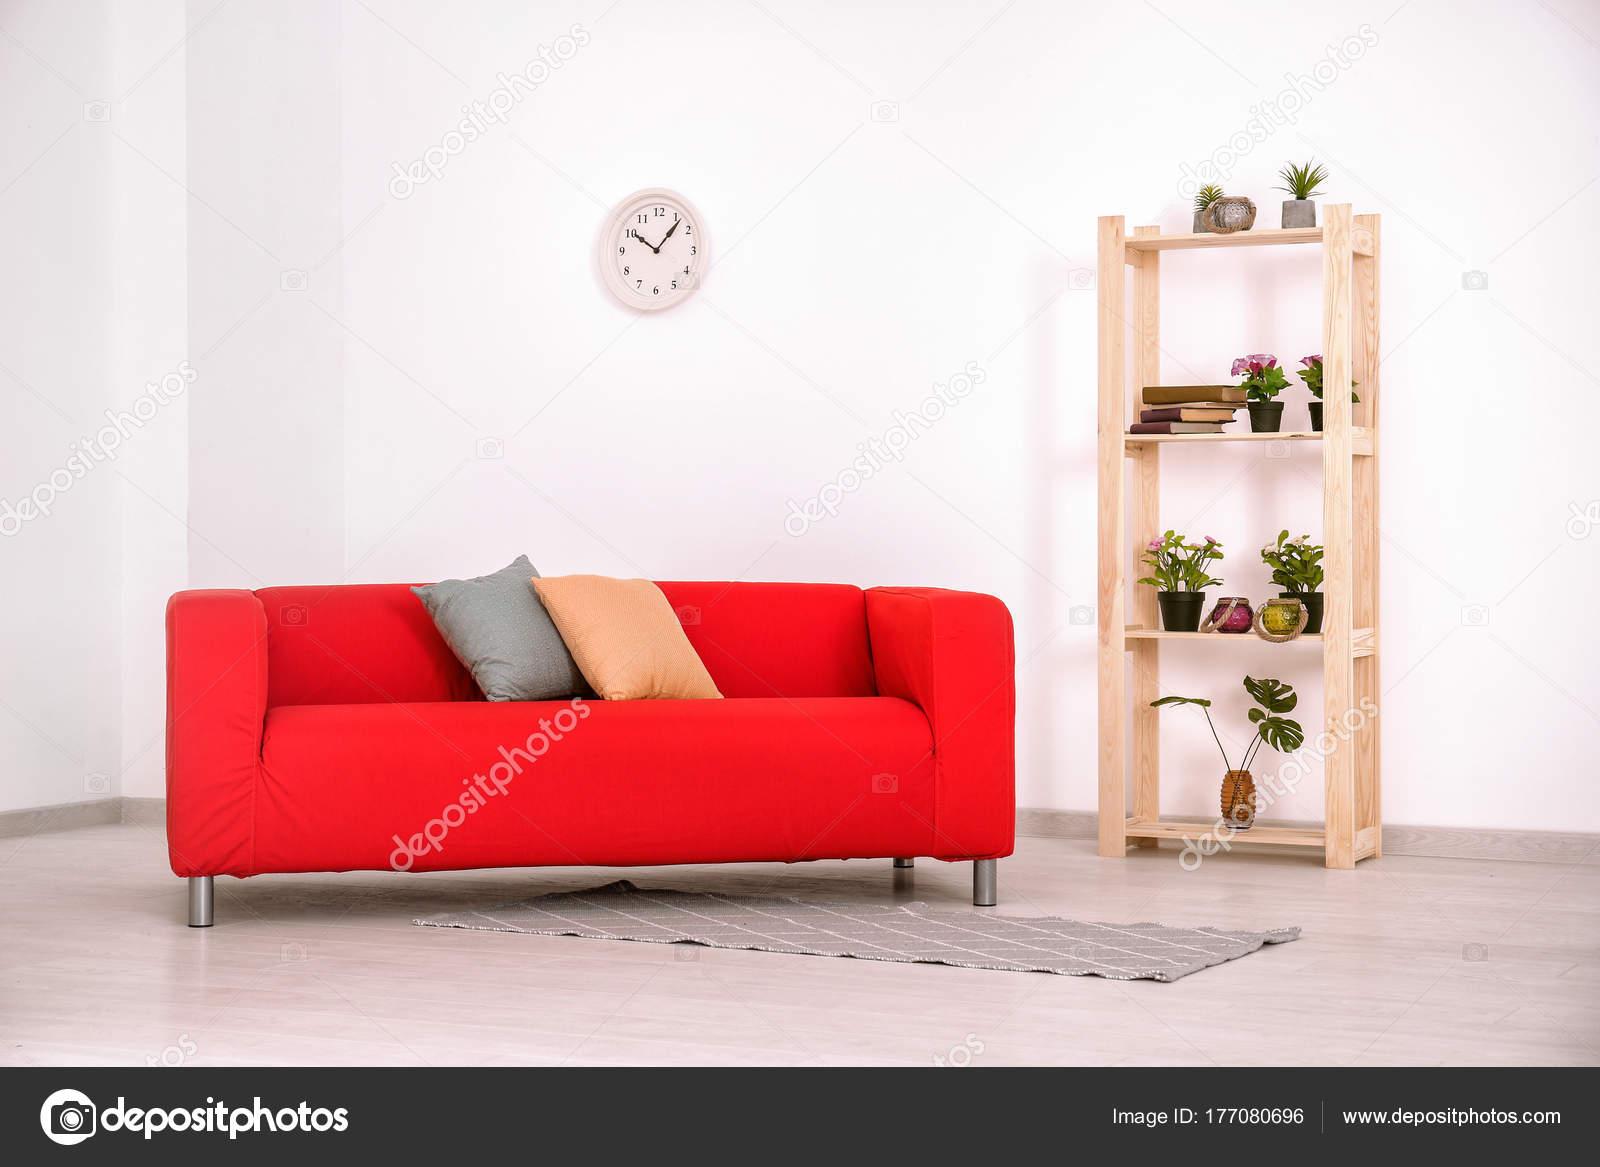 Wohnzimmer Innenraum Mit Bequemen Roten Sofa Stockfoto